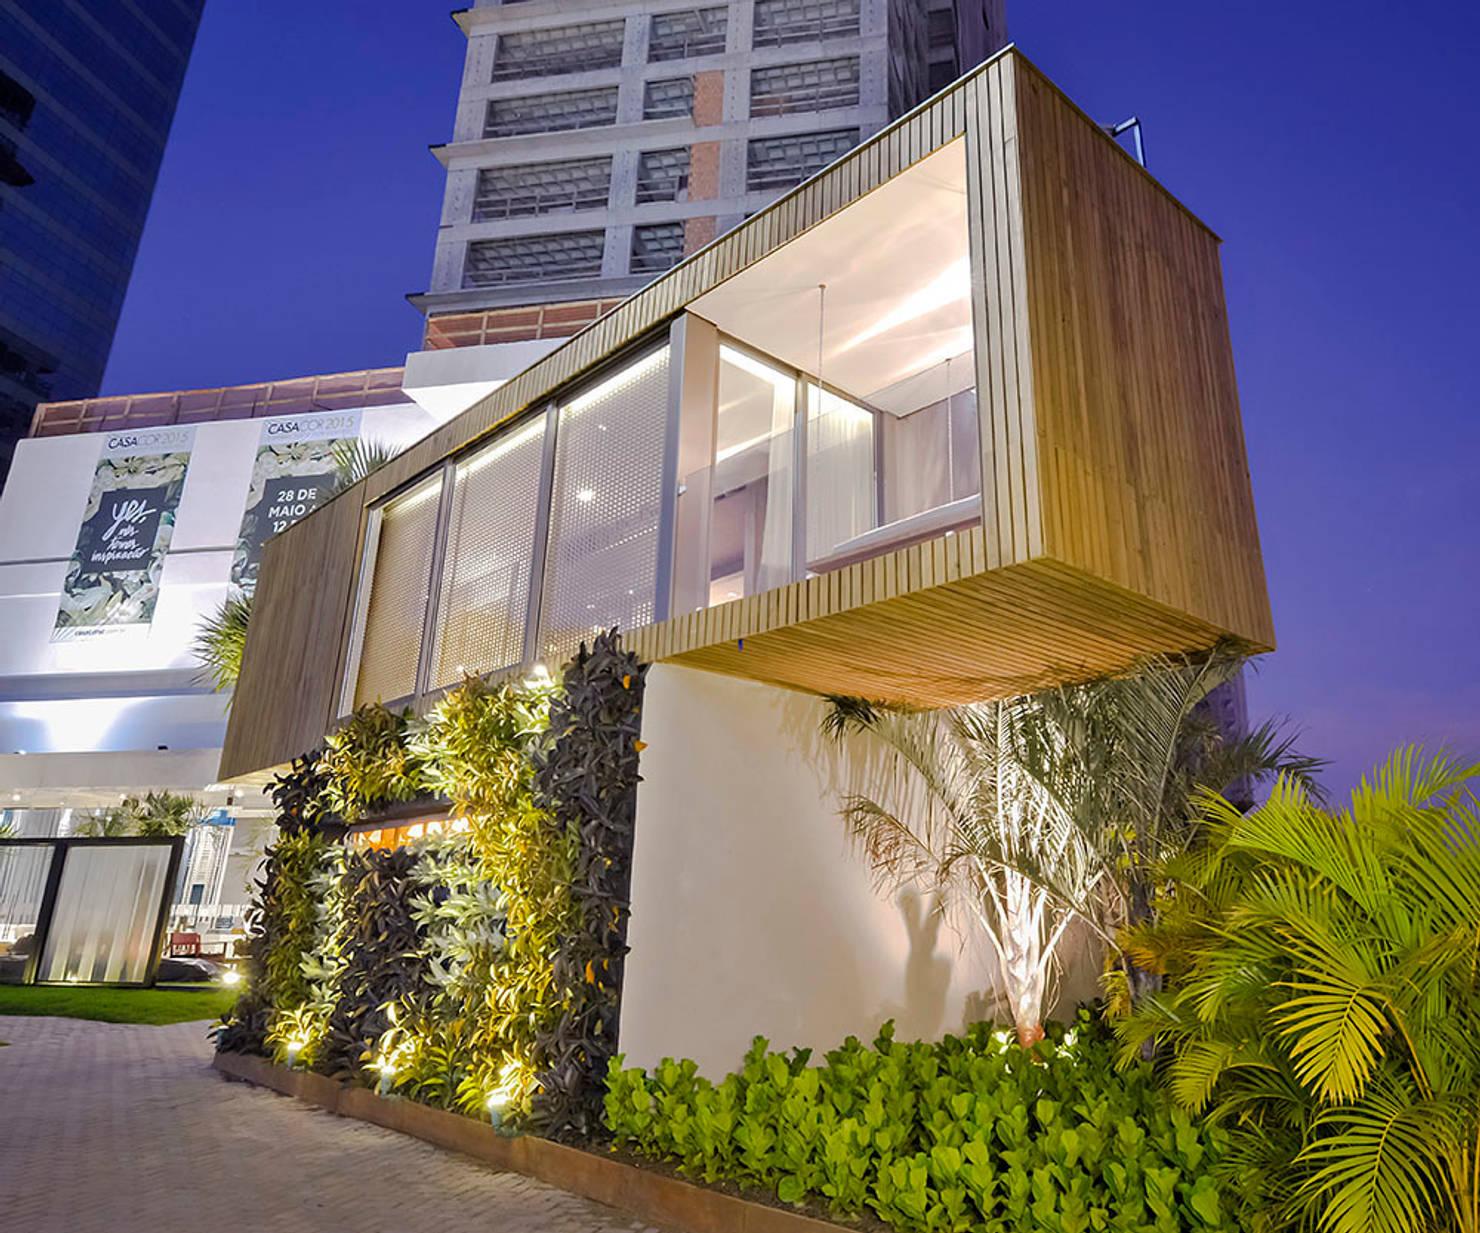 9 Ótimas ideias de arquitetura sustentável